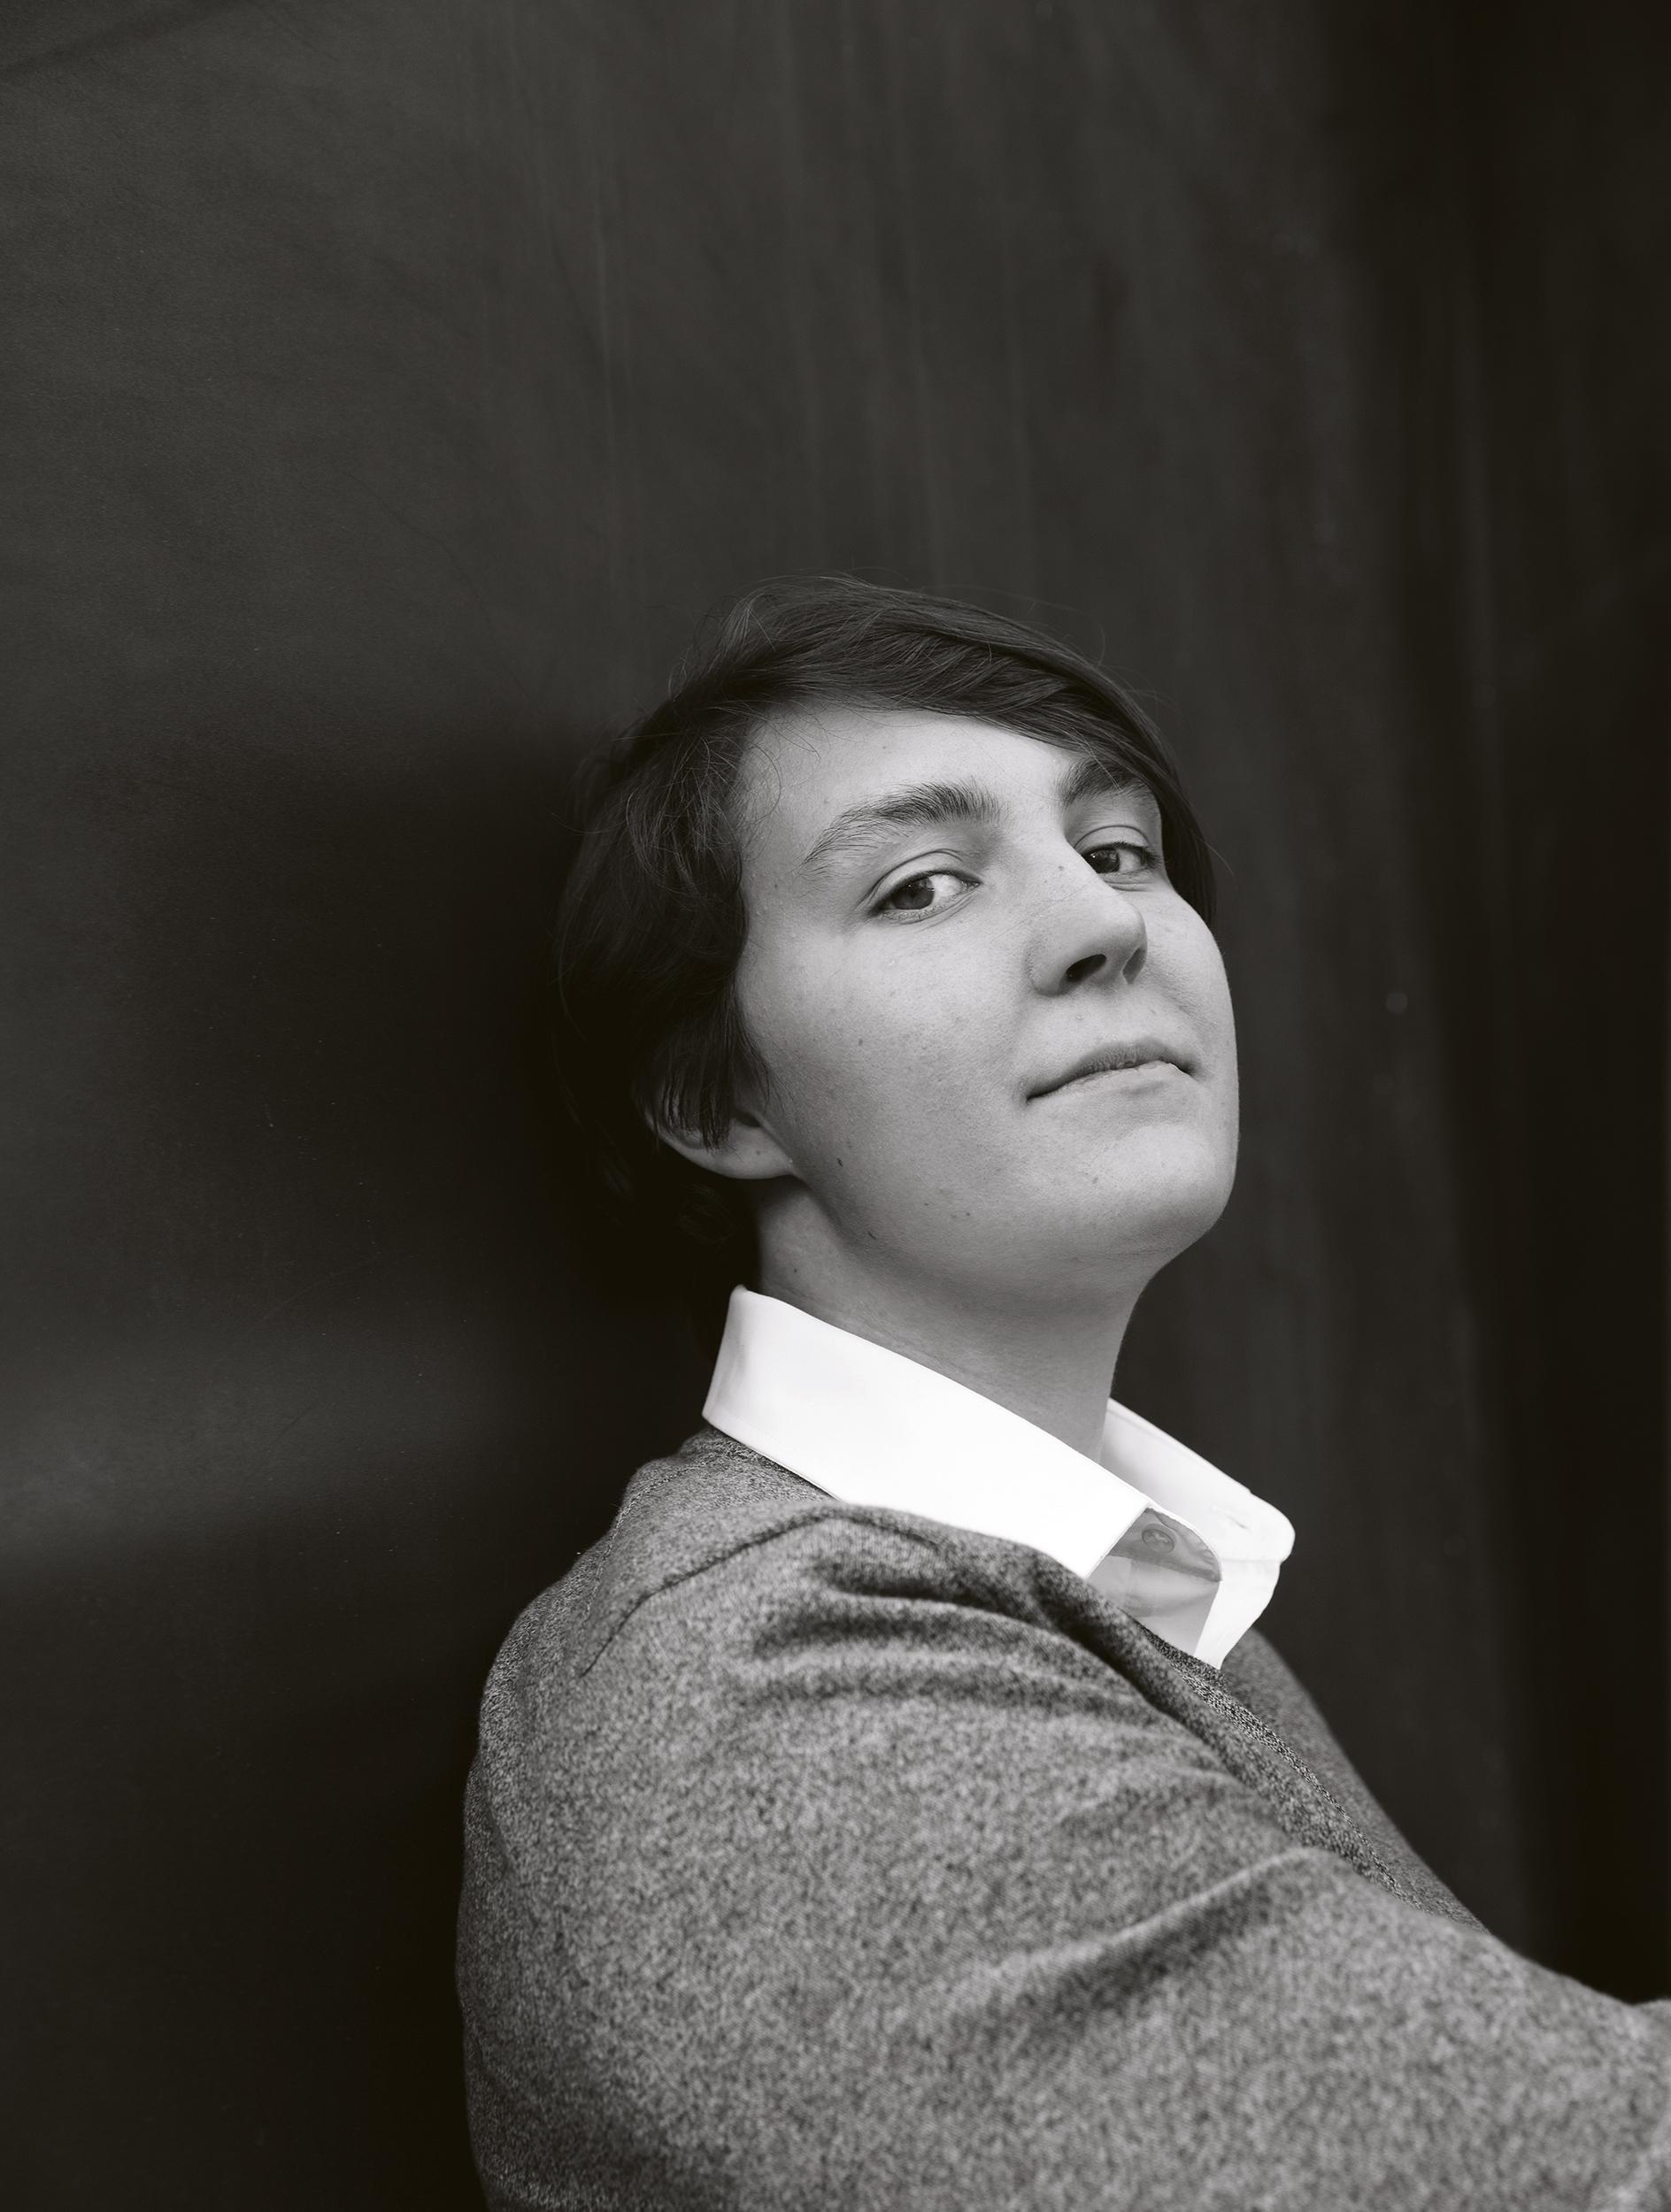 Universitäten: Michelle Mommertz, 23, studiert im fünften Semester Medien- und Kulturwissenschaften an der Heinrich-Heine-Universität Düsseldorf.